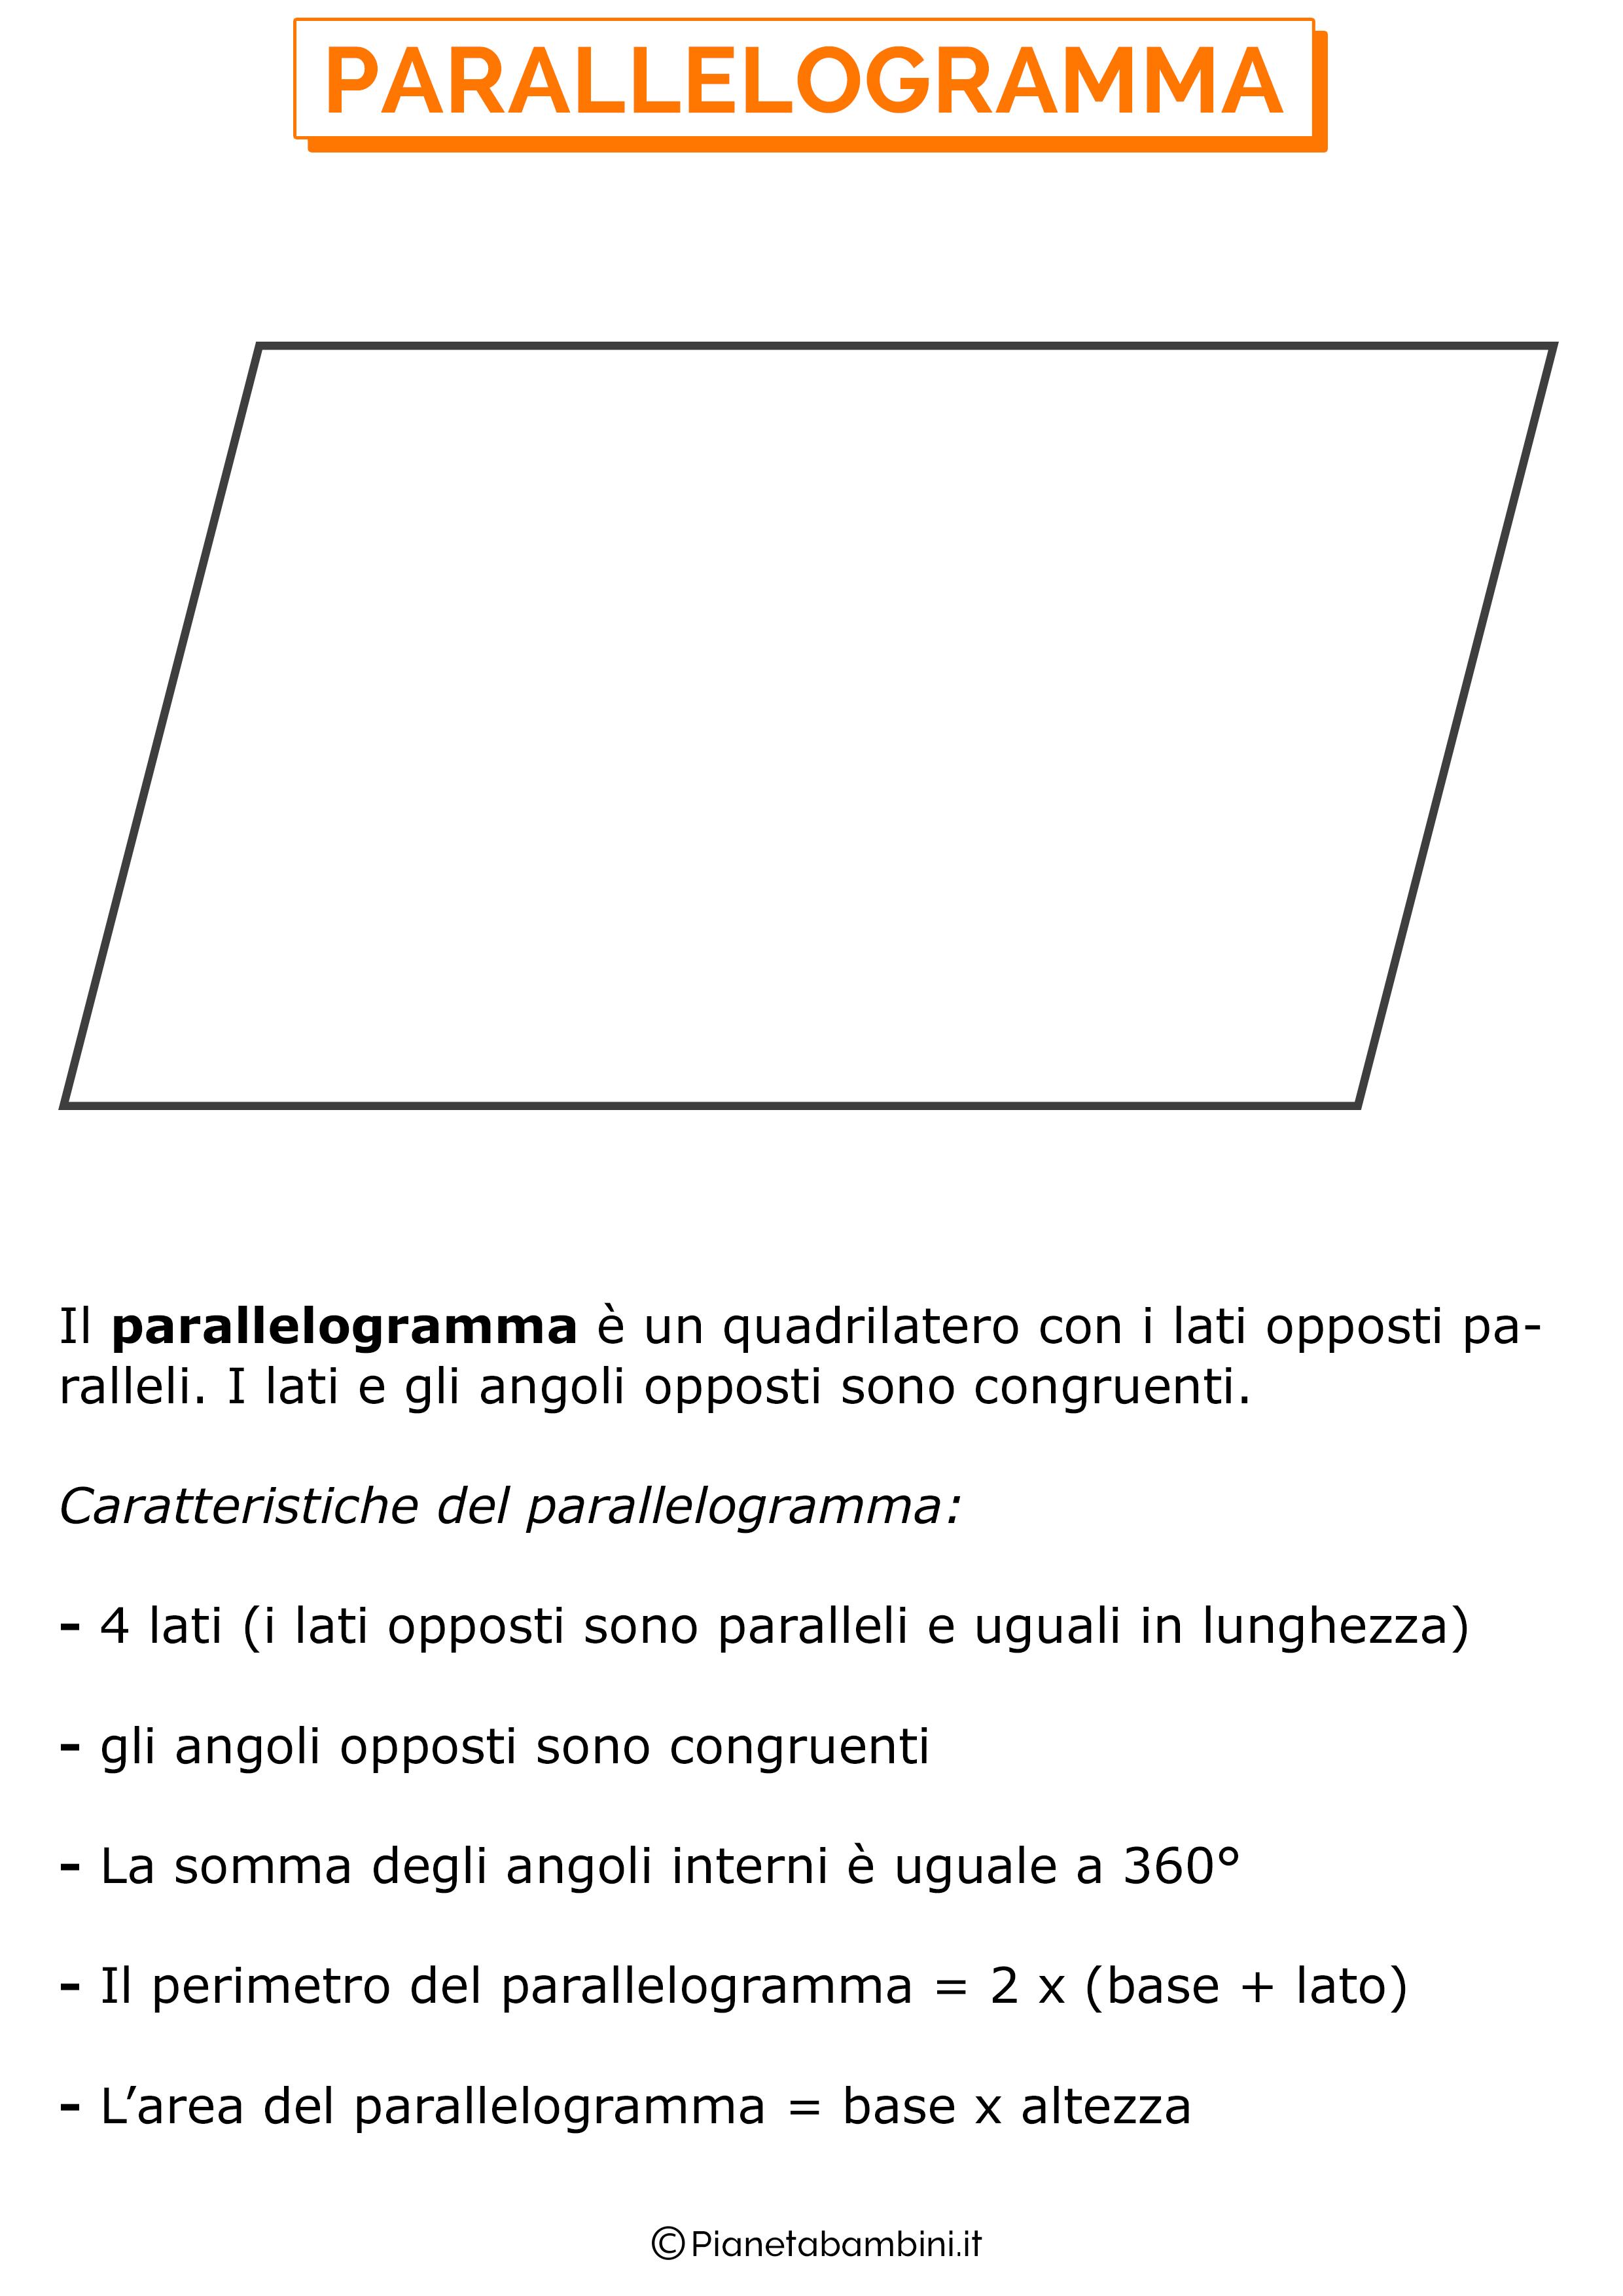 Caratteristiche del parallelogramma